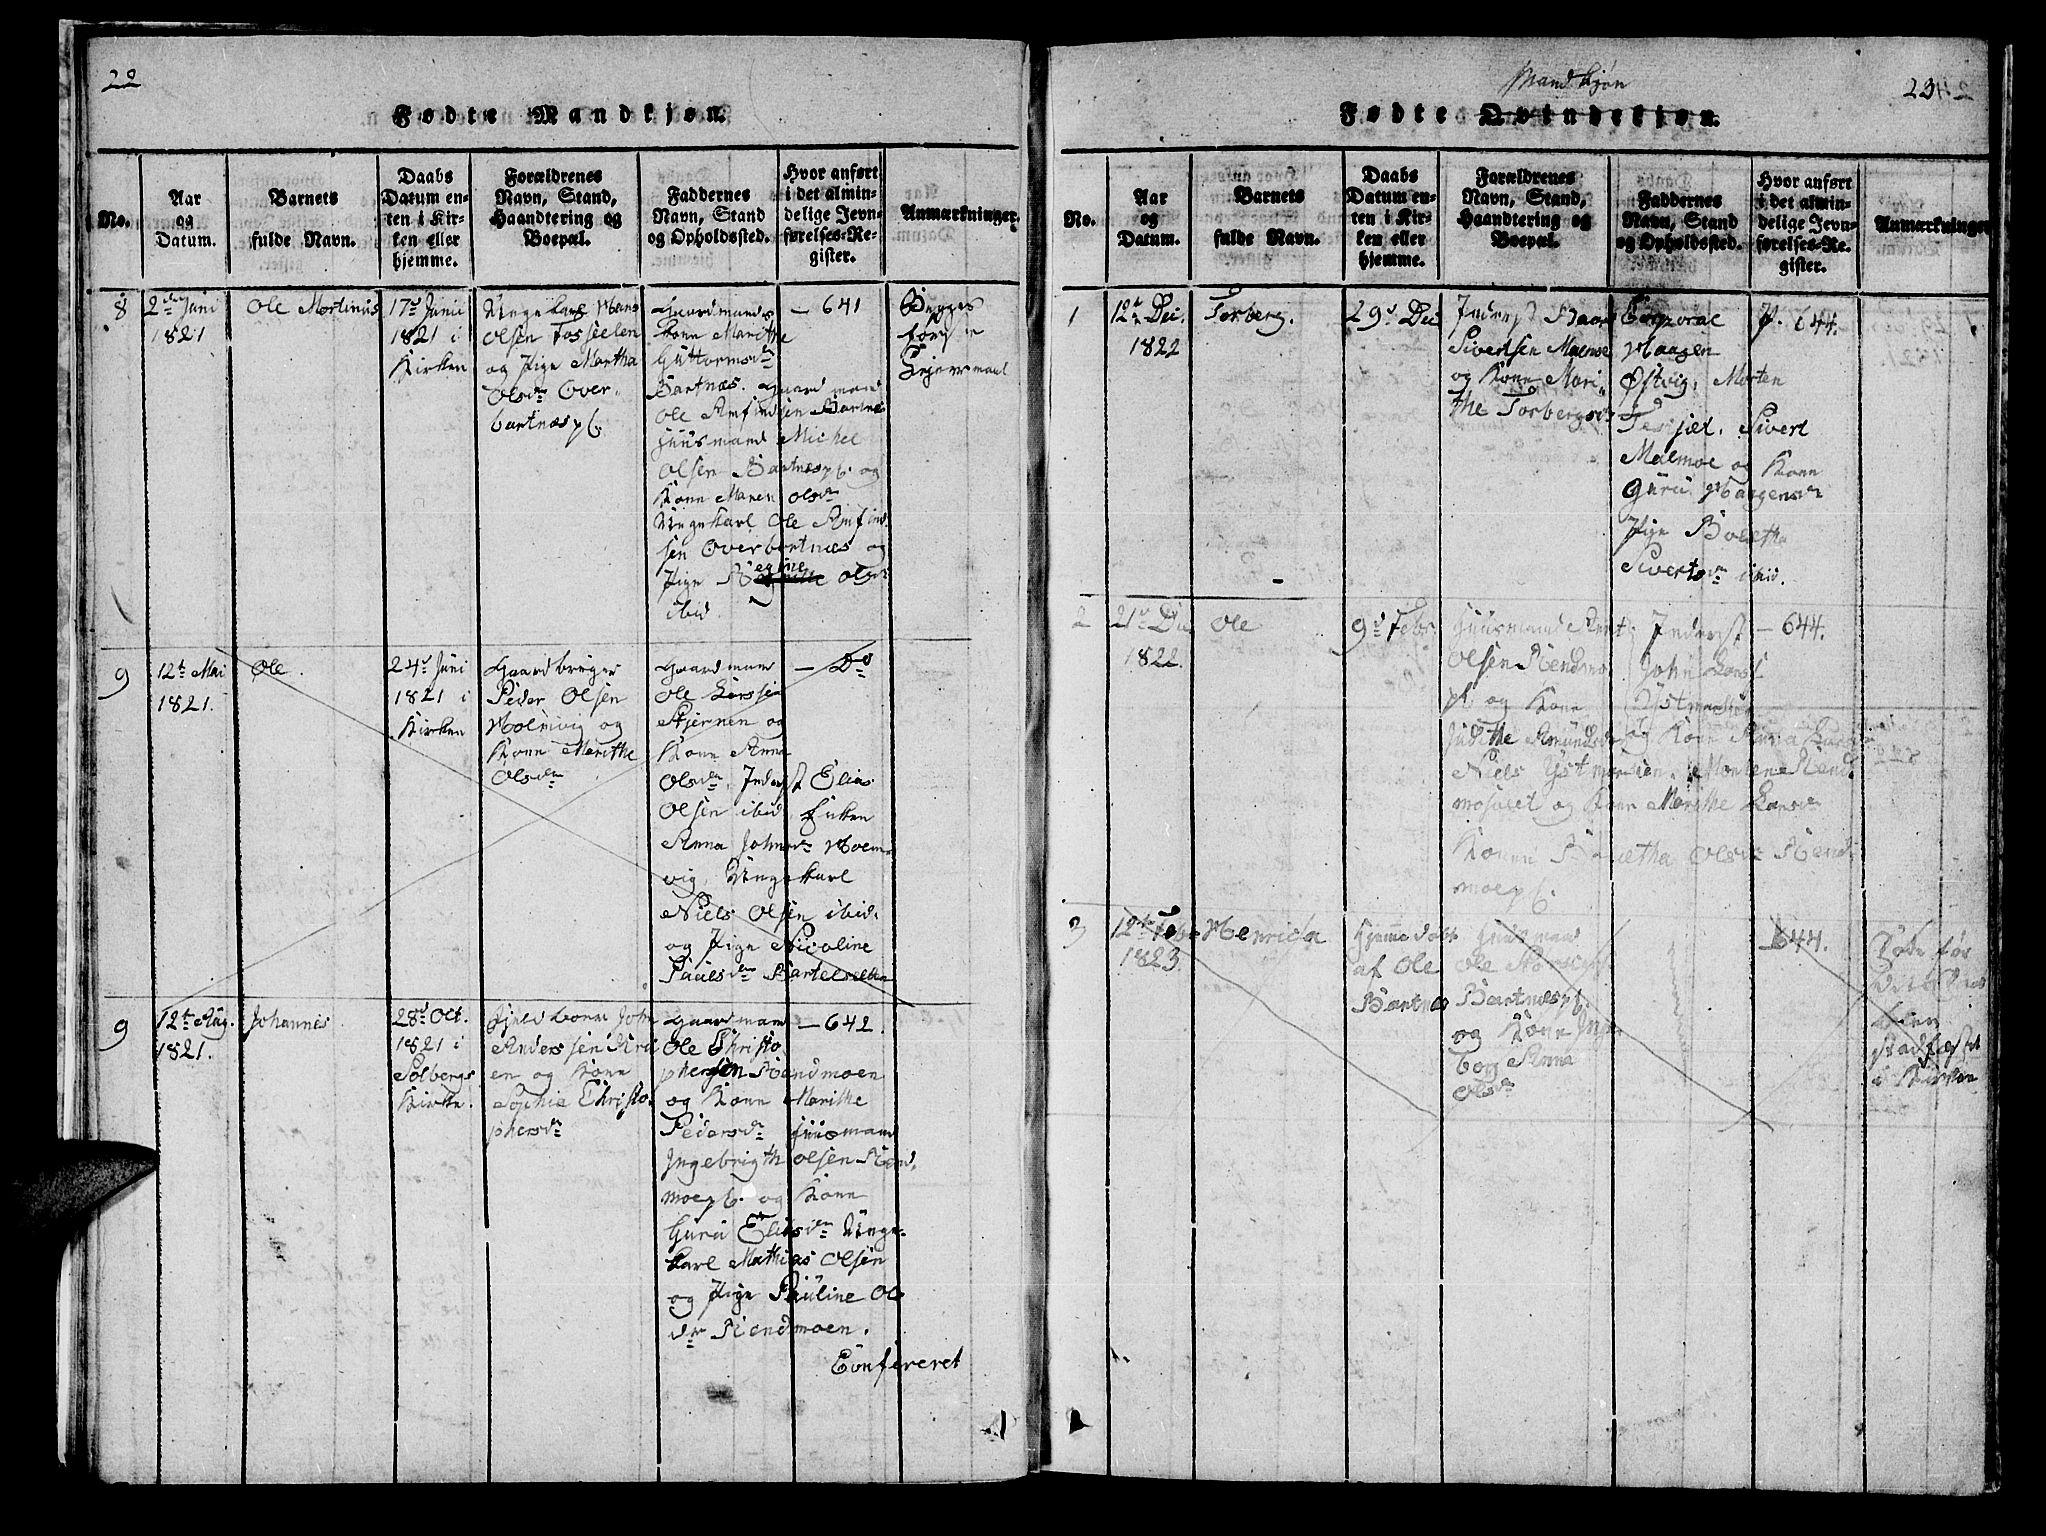 SAT, Ministerialprotokoller, klokkerbøker og fødselsregistre - Nord-Trøndelag, 745/L0433: Klokkerbok nr. 745C02, 1817-1825, s. 22-23